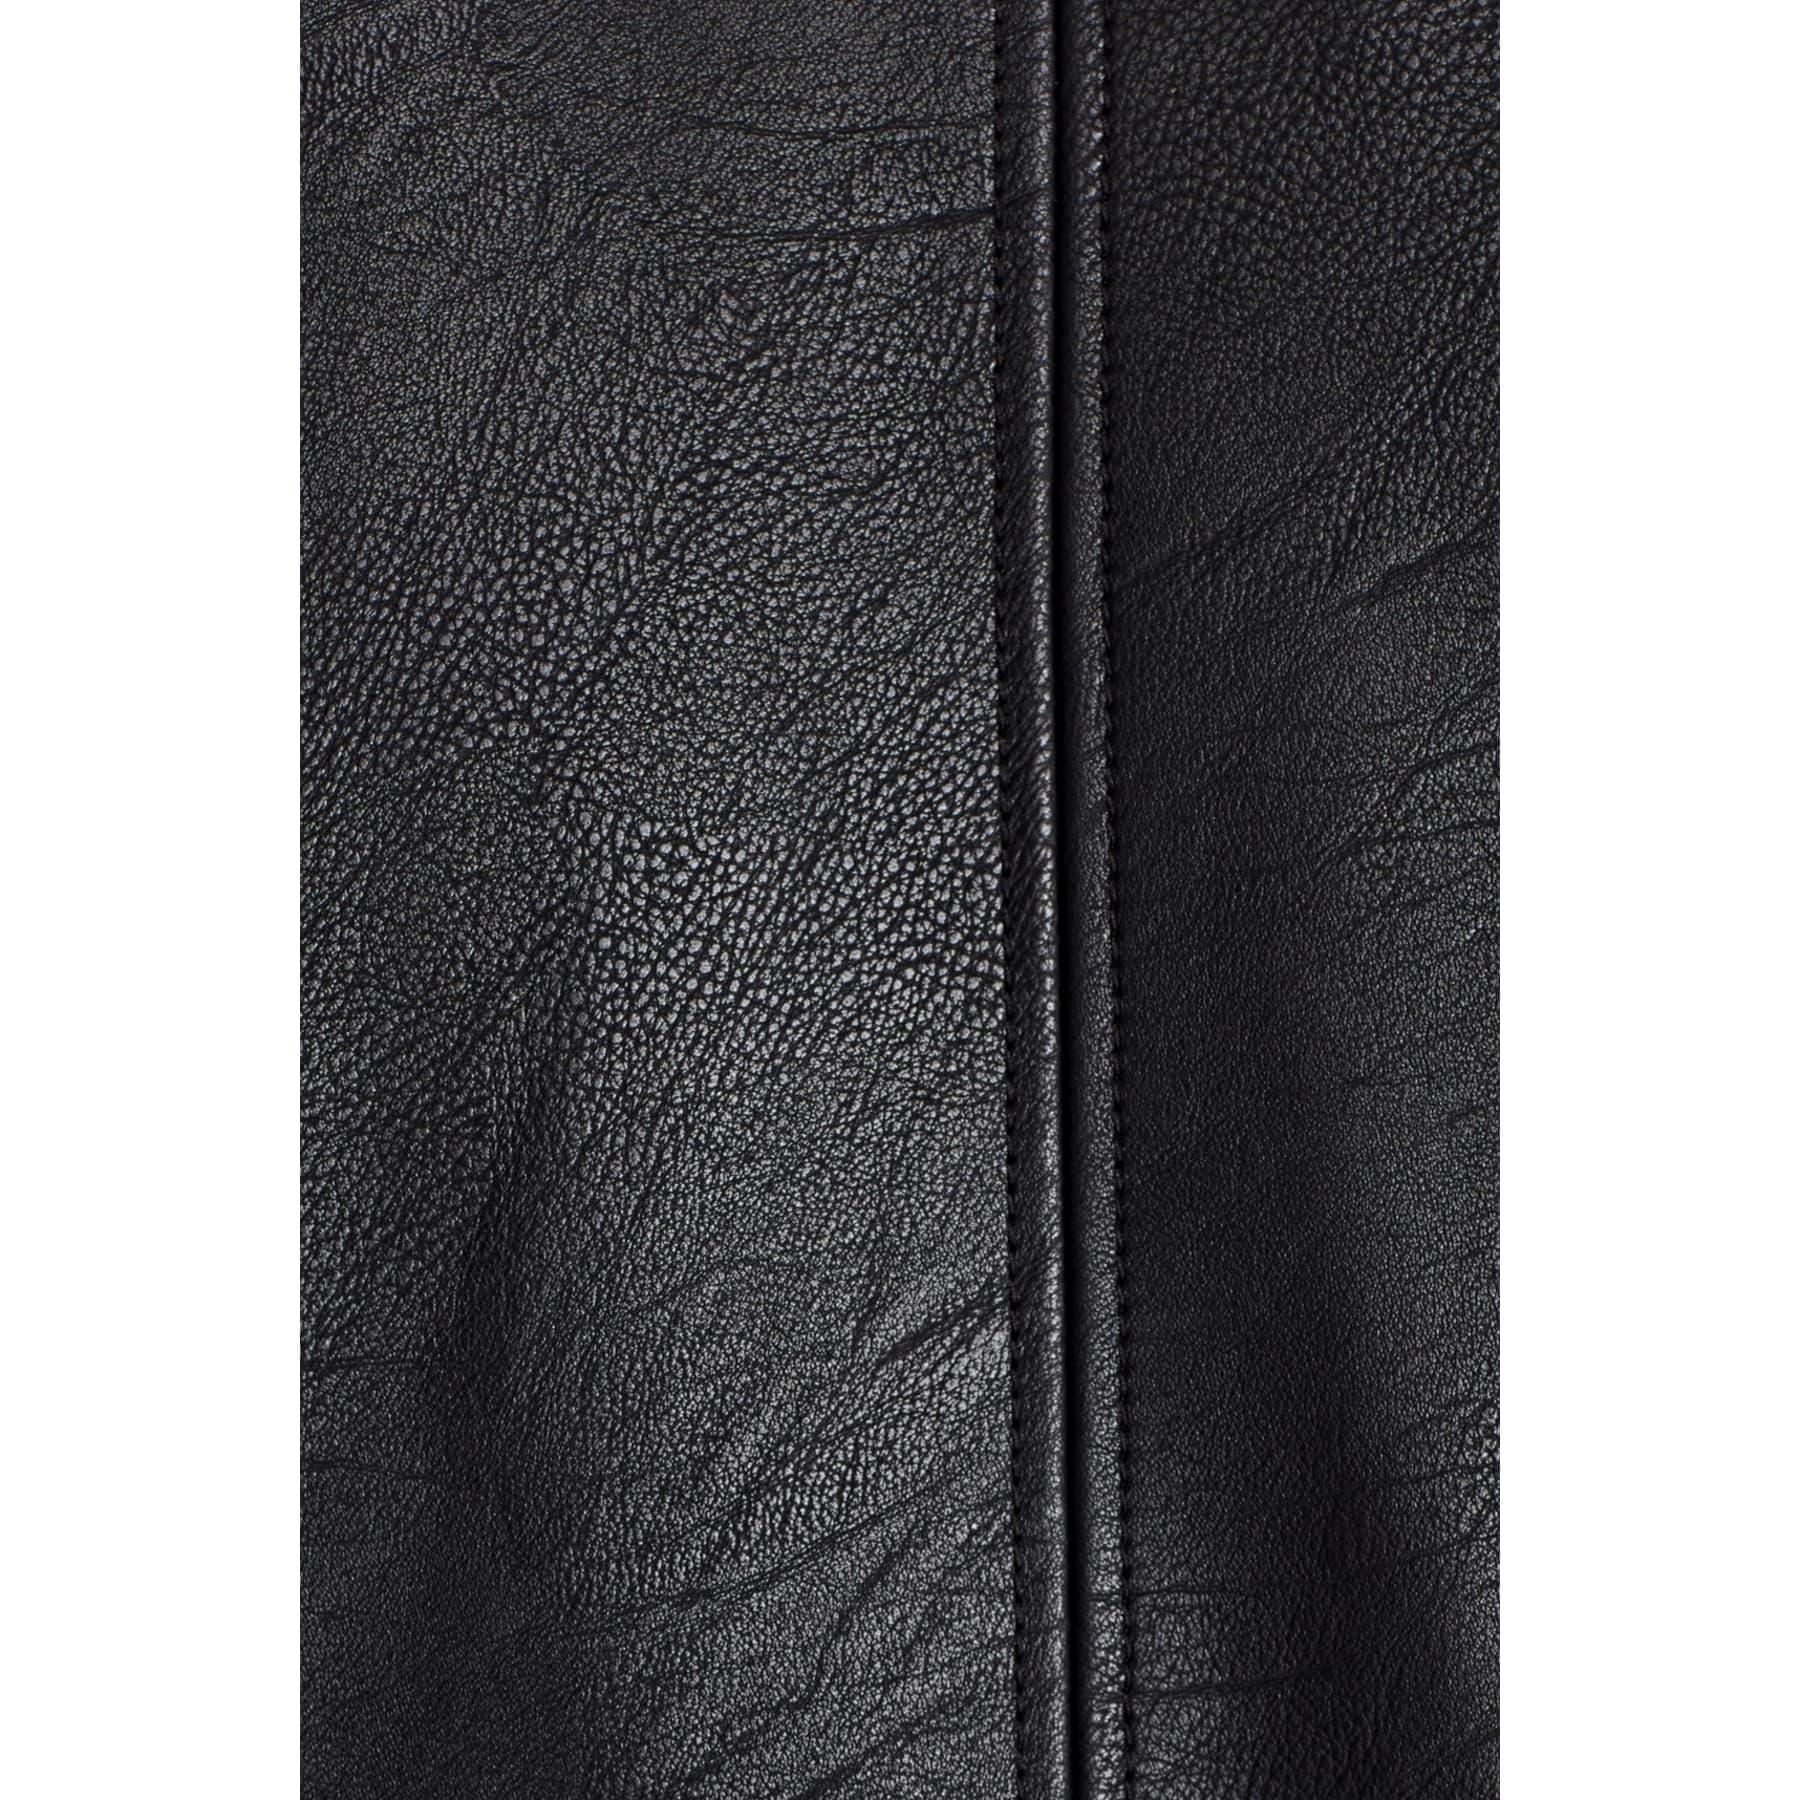 Suni Deri Erkek Siyah Ceket (010206-900)